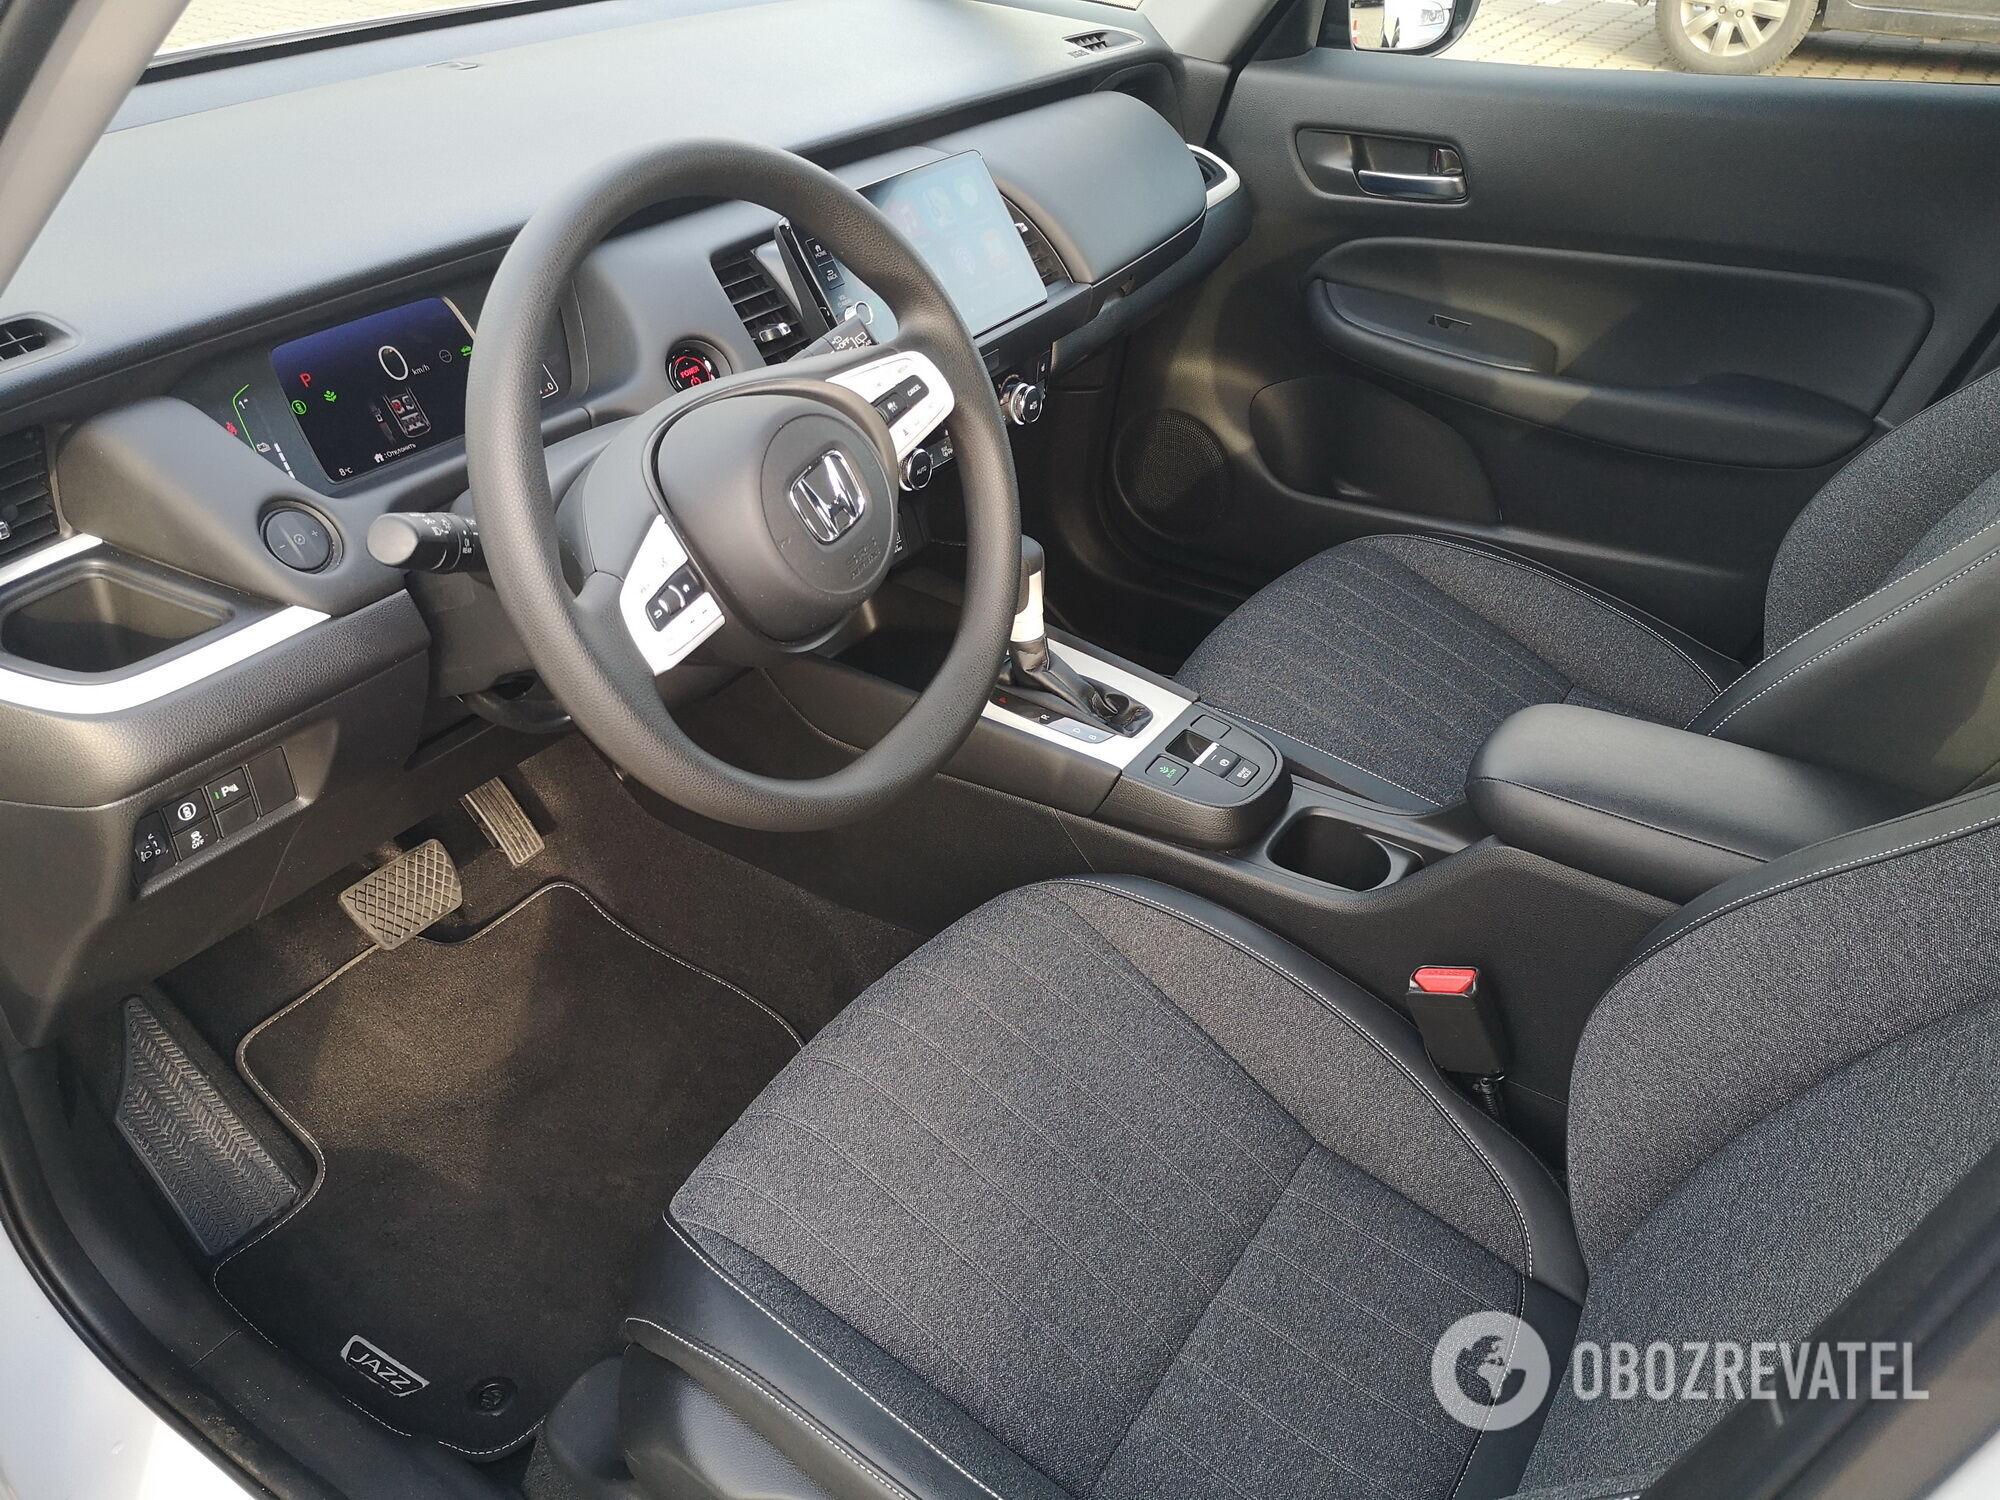 Регулировок сидения и рулевой колонки вполне достаточно, чтобы комфортно расположиться на водительском месте